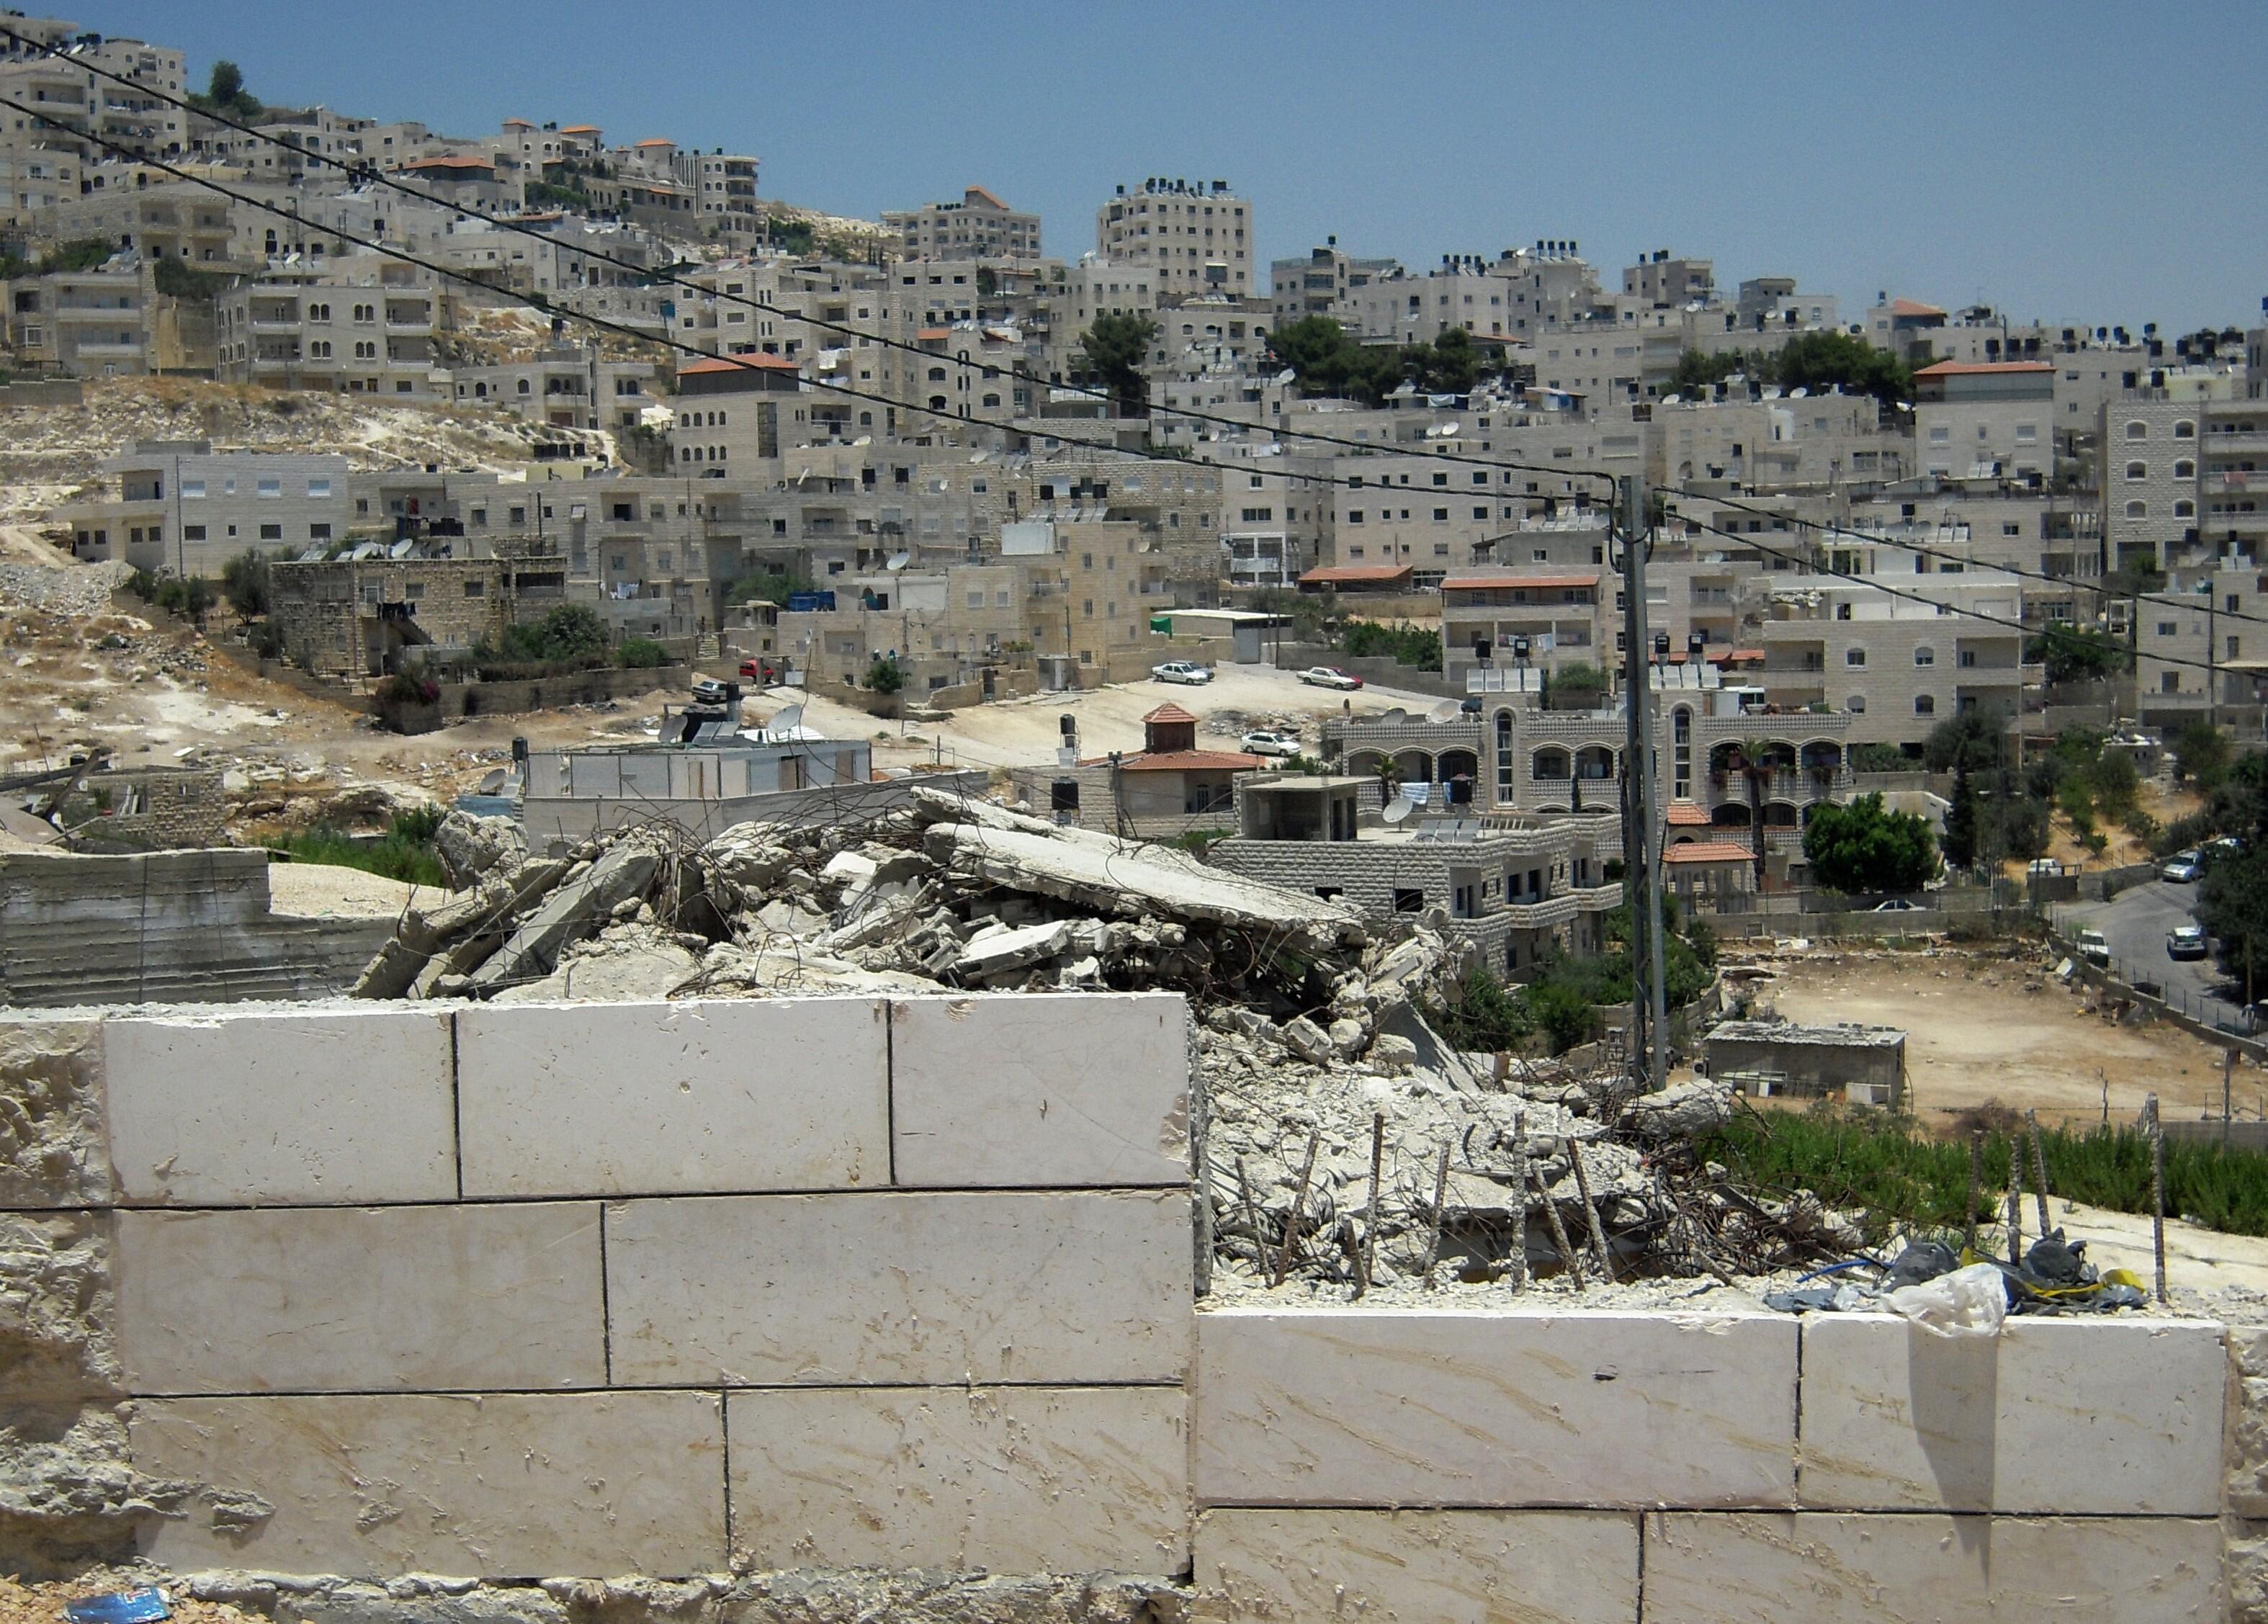 Oft zerstört die israelische Armee Häuser von Palästinensern in Ostjerusalem und zwingt die Bevölkerung damit zum Rückzug aus arabischen Stadtteilen